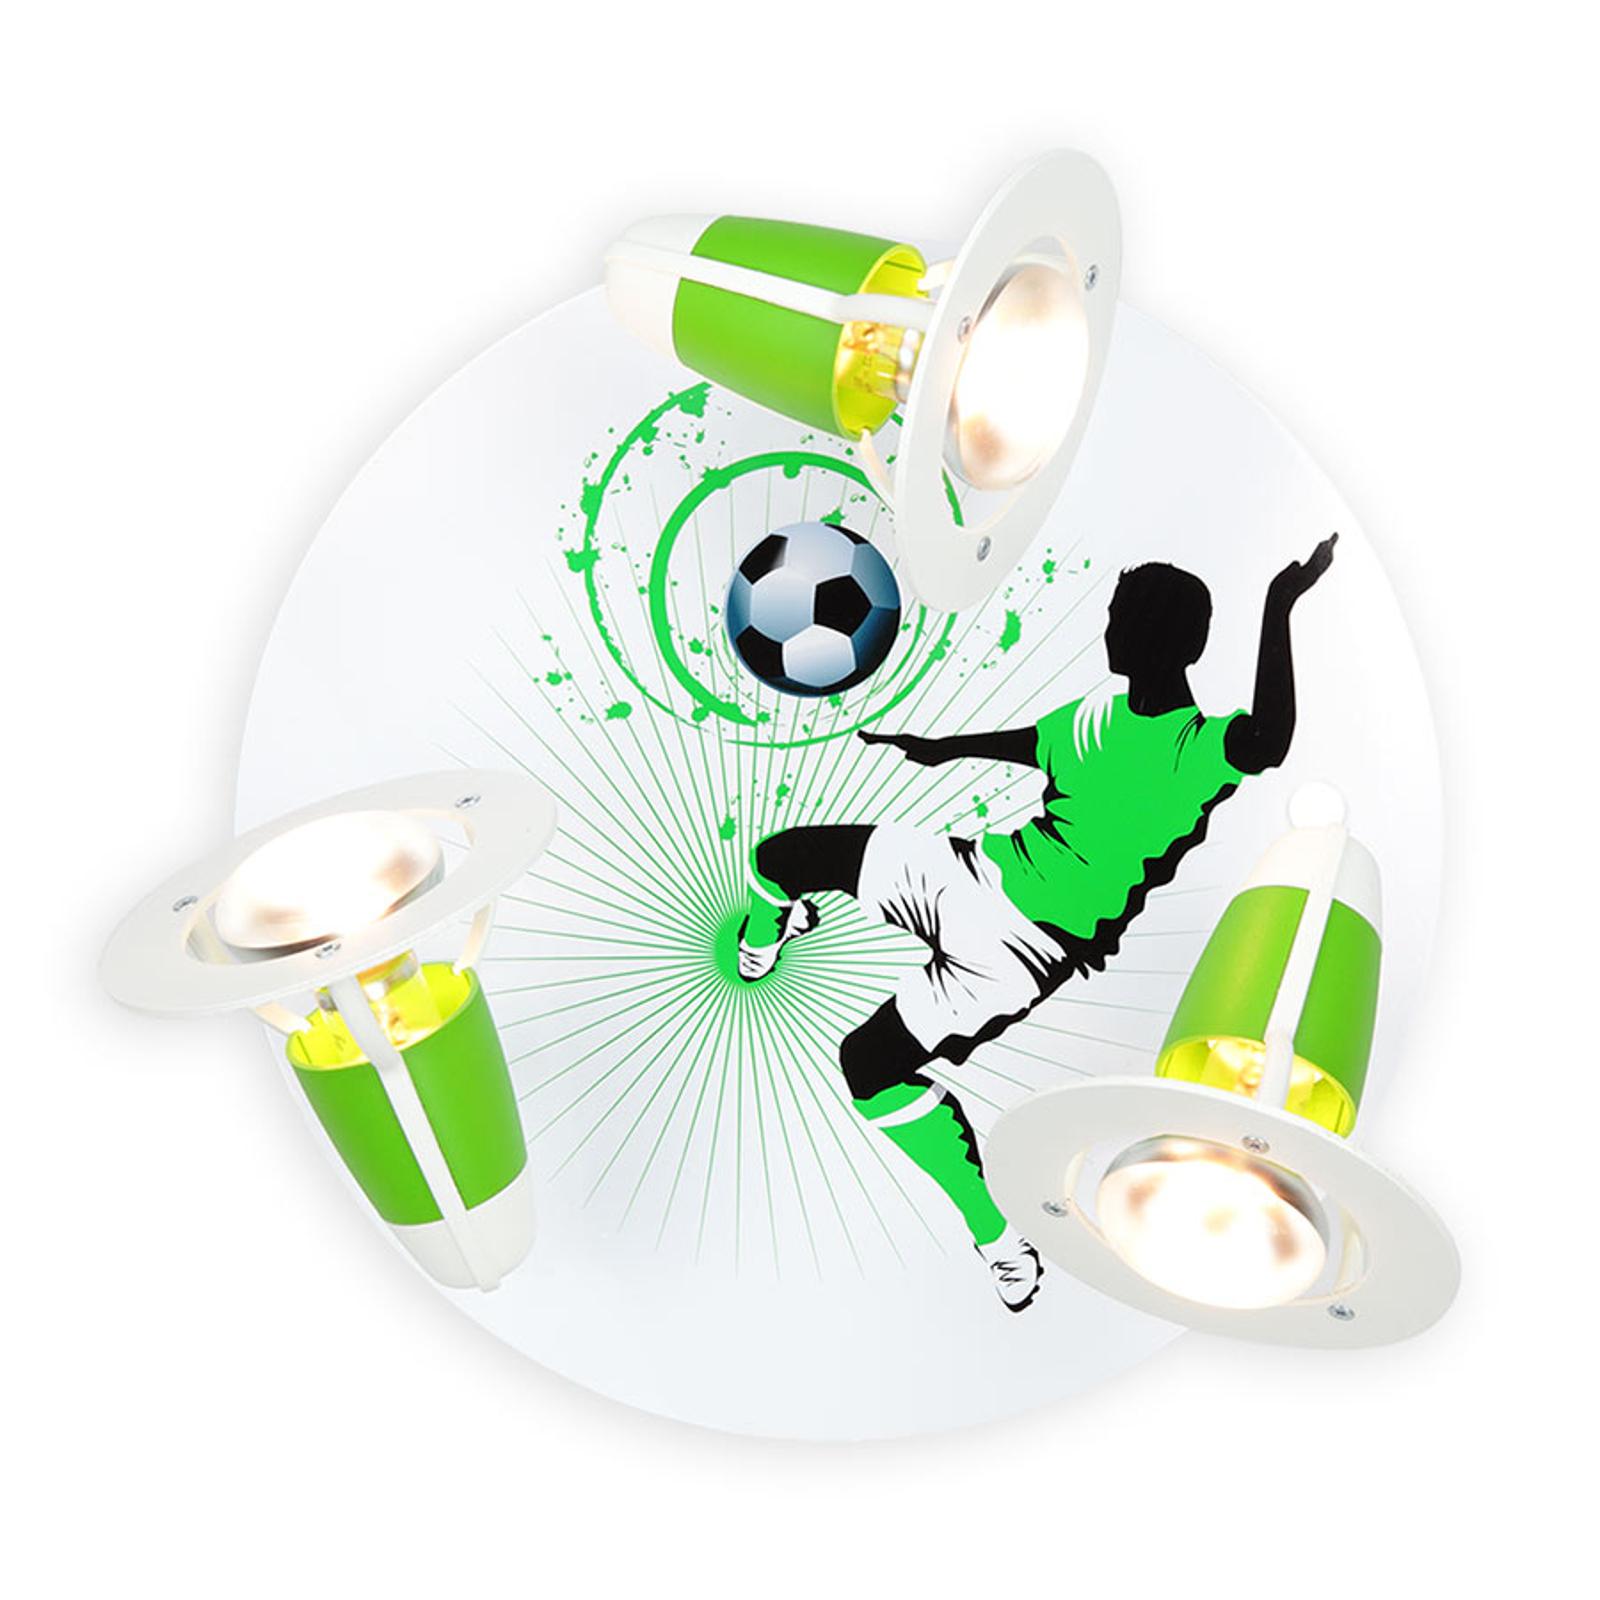 Taklampa Soccer, 3 lampor, grön-vit